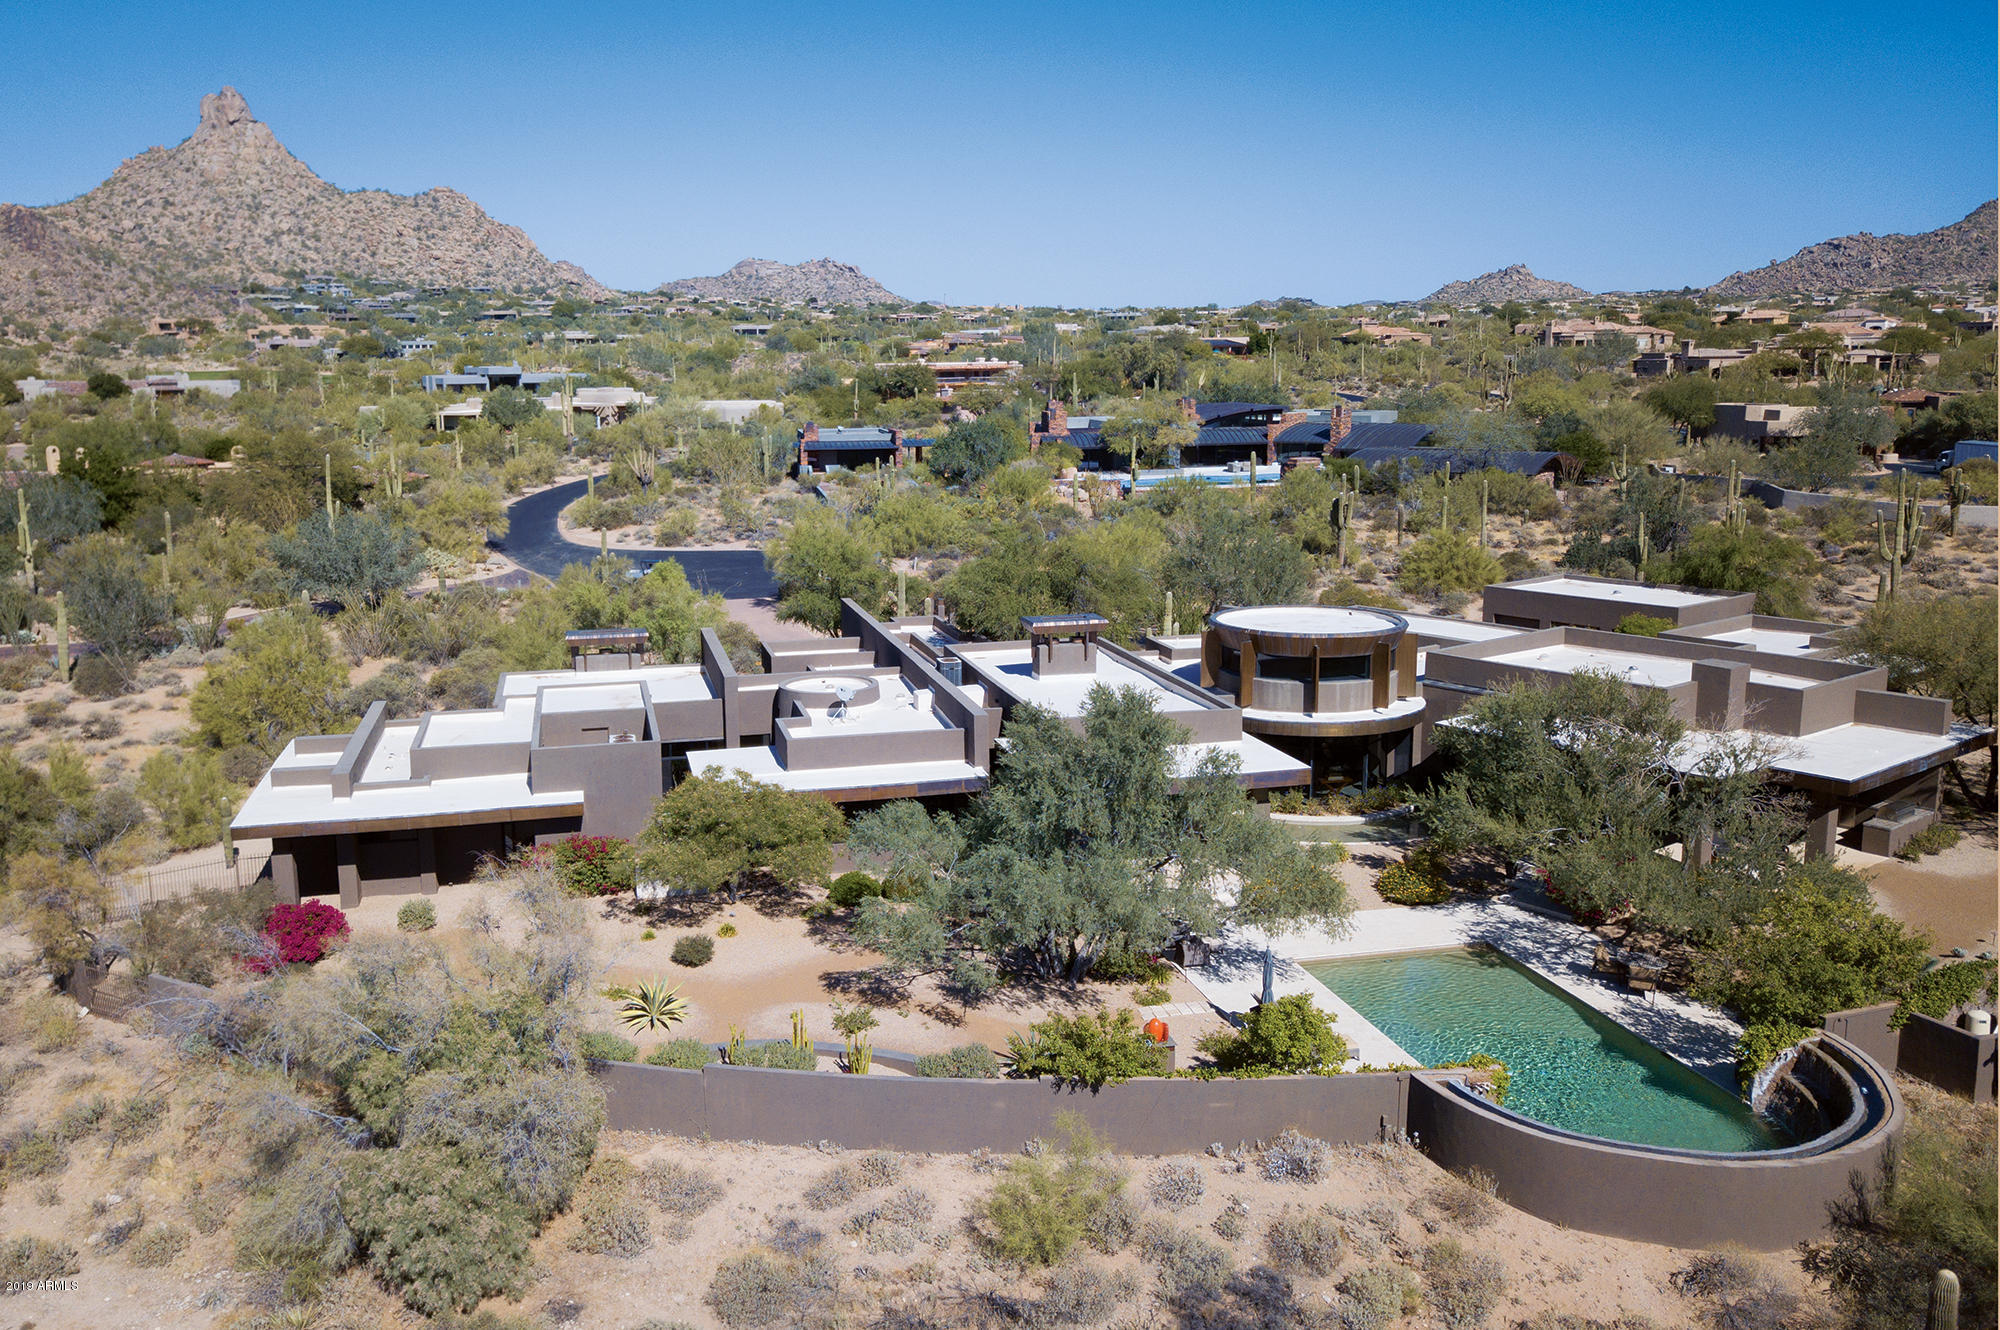 MLS 5999084 10040 E HAPPY VALLEY Road Unit 7, Scottsdale, AZ 85255 Scottsdale AZ Desert Highlands